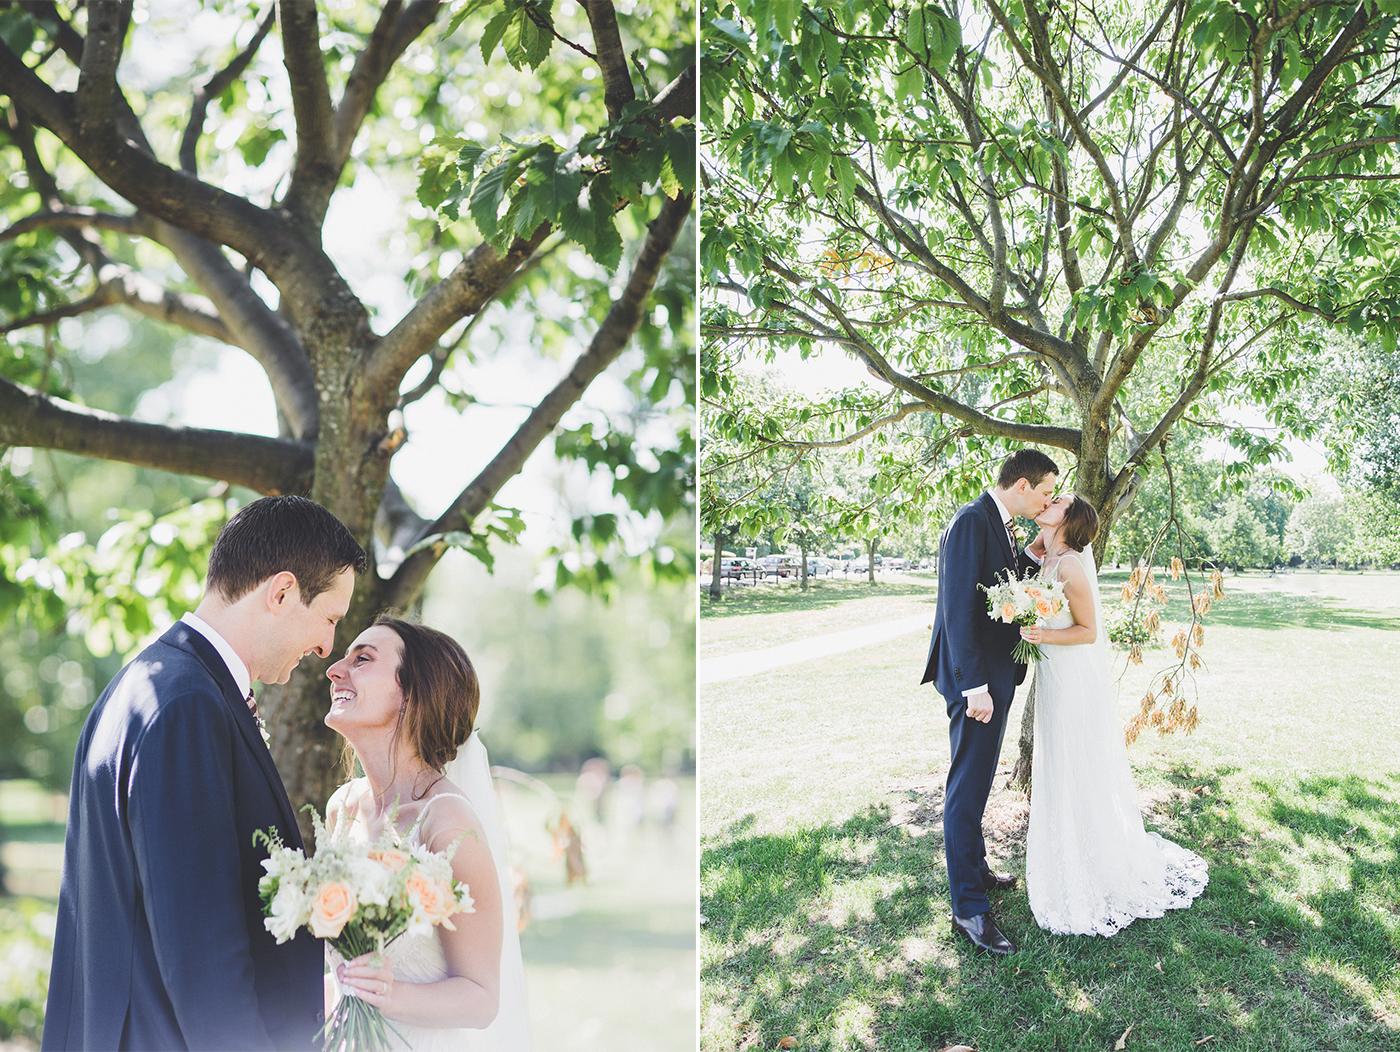 london-wedding-photographer-37.jpg